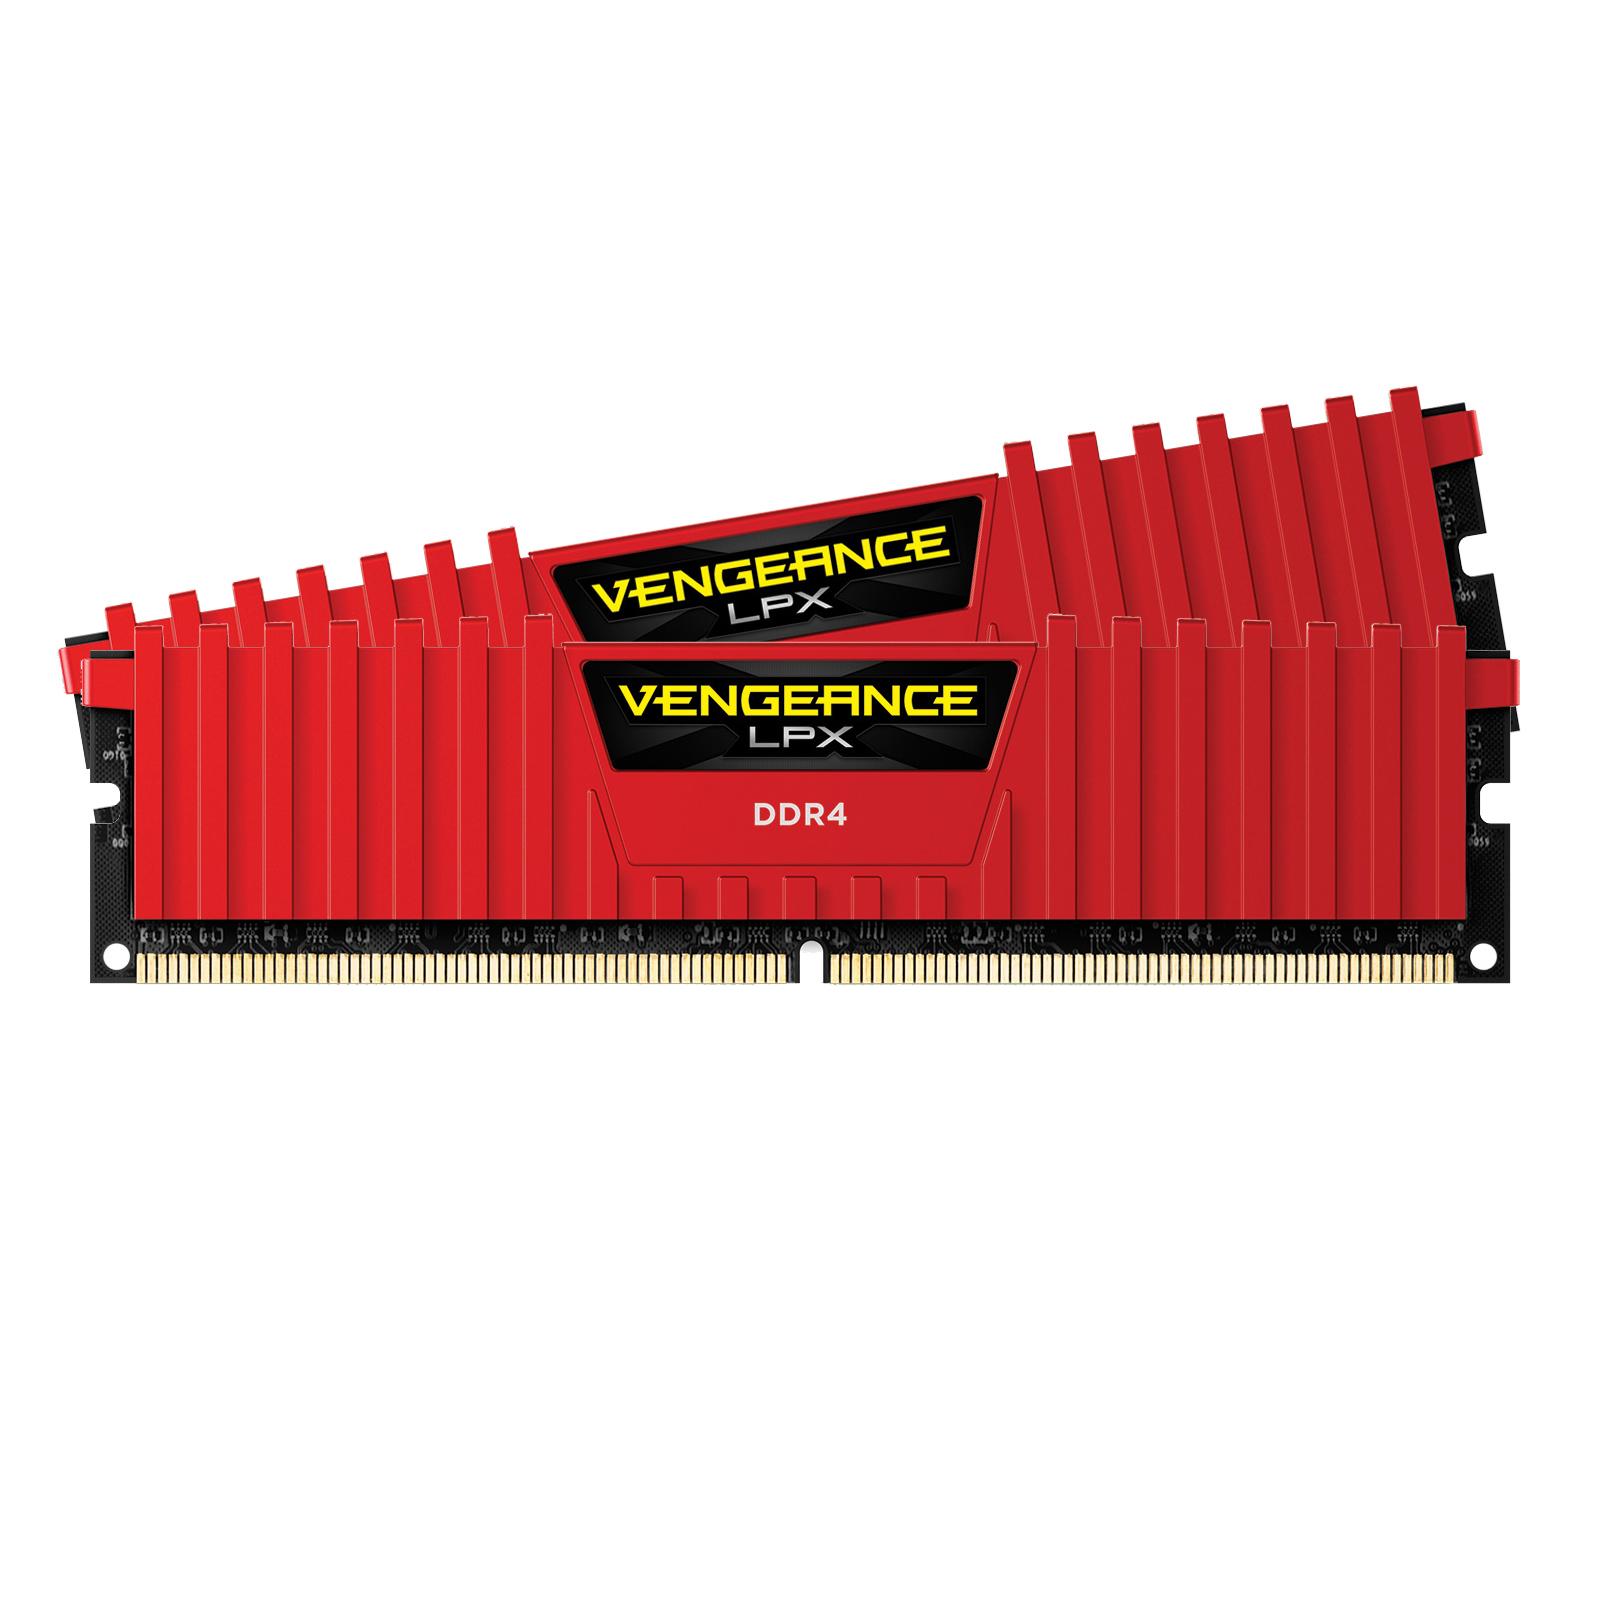 Mémoire PC Corsair Vengeance LPX Series Low Profile 16 Go (2x 8 Go) DDR4 2133 MHz CL13 Kit Dual Channel 2 barrettes de RAM DDR4 PC4-17000 - CMK16GX4M2A2133C13R (garantie à vie par Corsair)